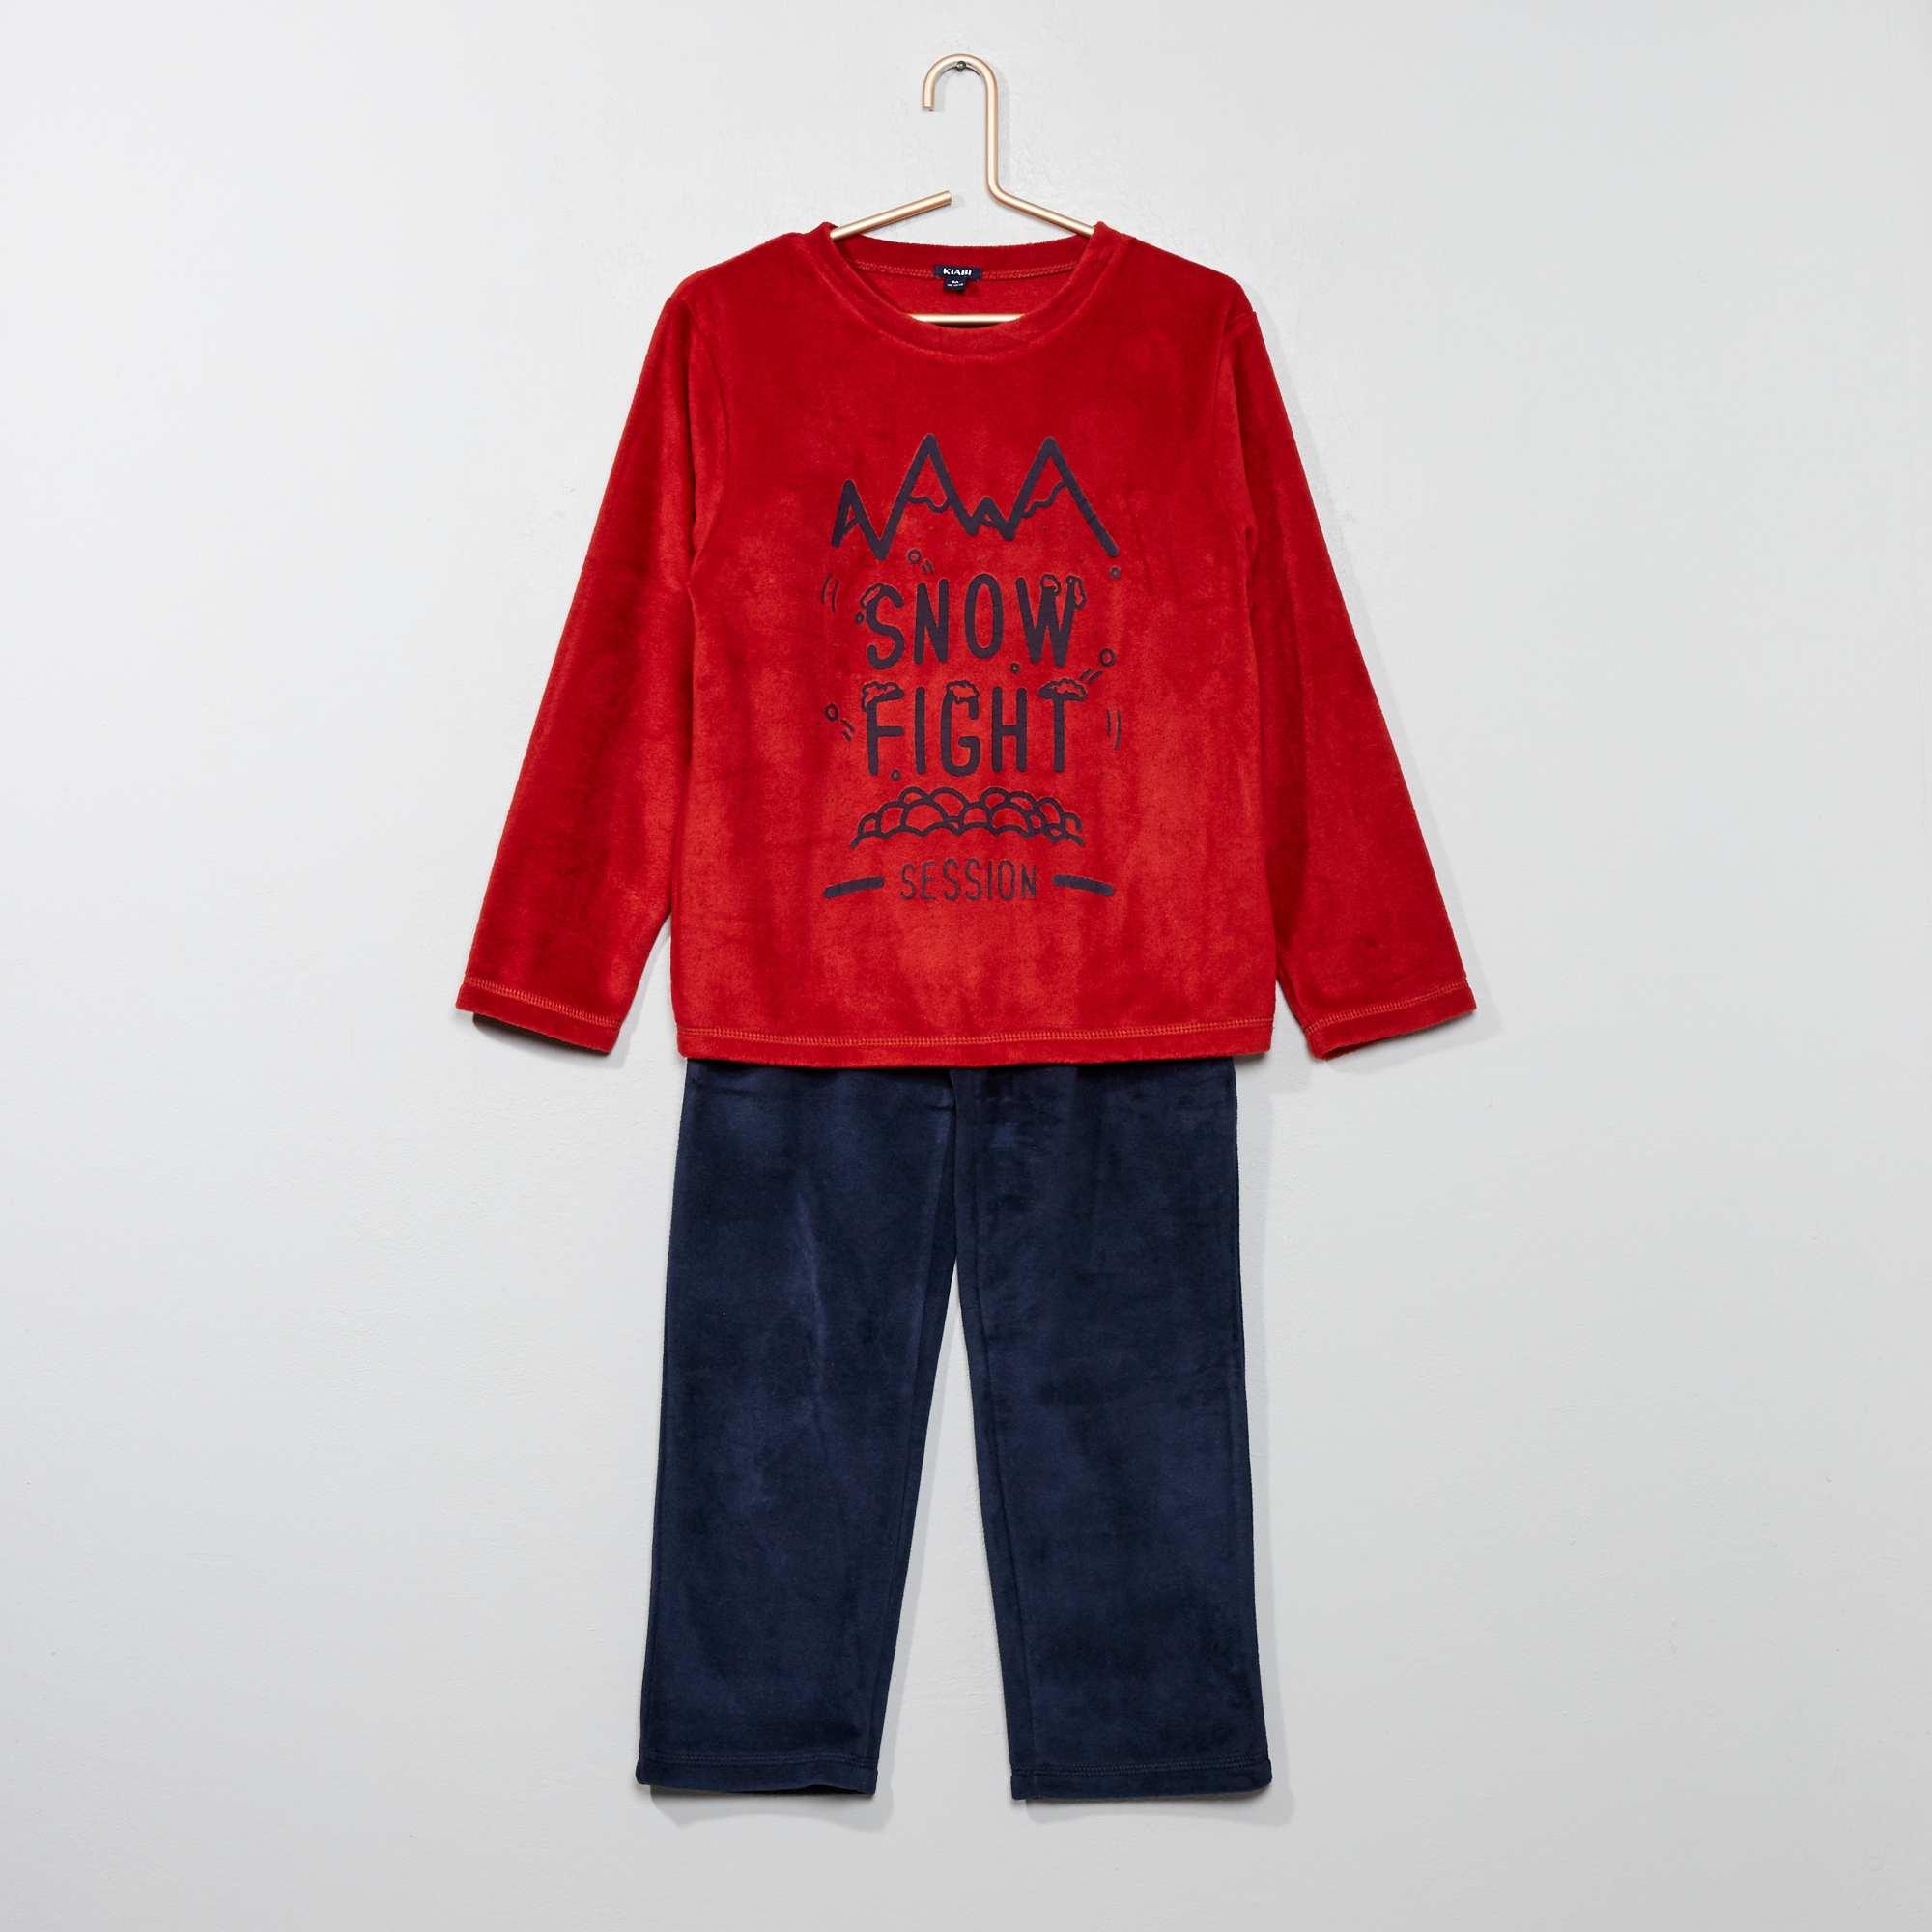 a7bdda22d Pijama  monstruo  de tejido polar Chico - rojo - Kiabi - 8